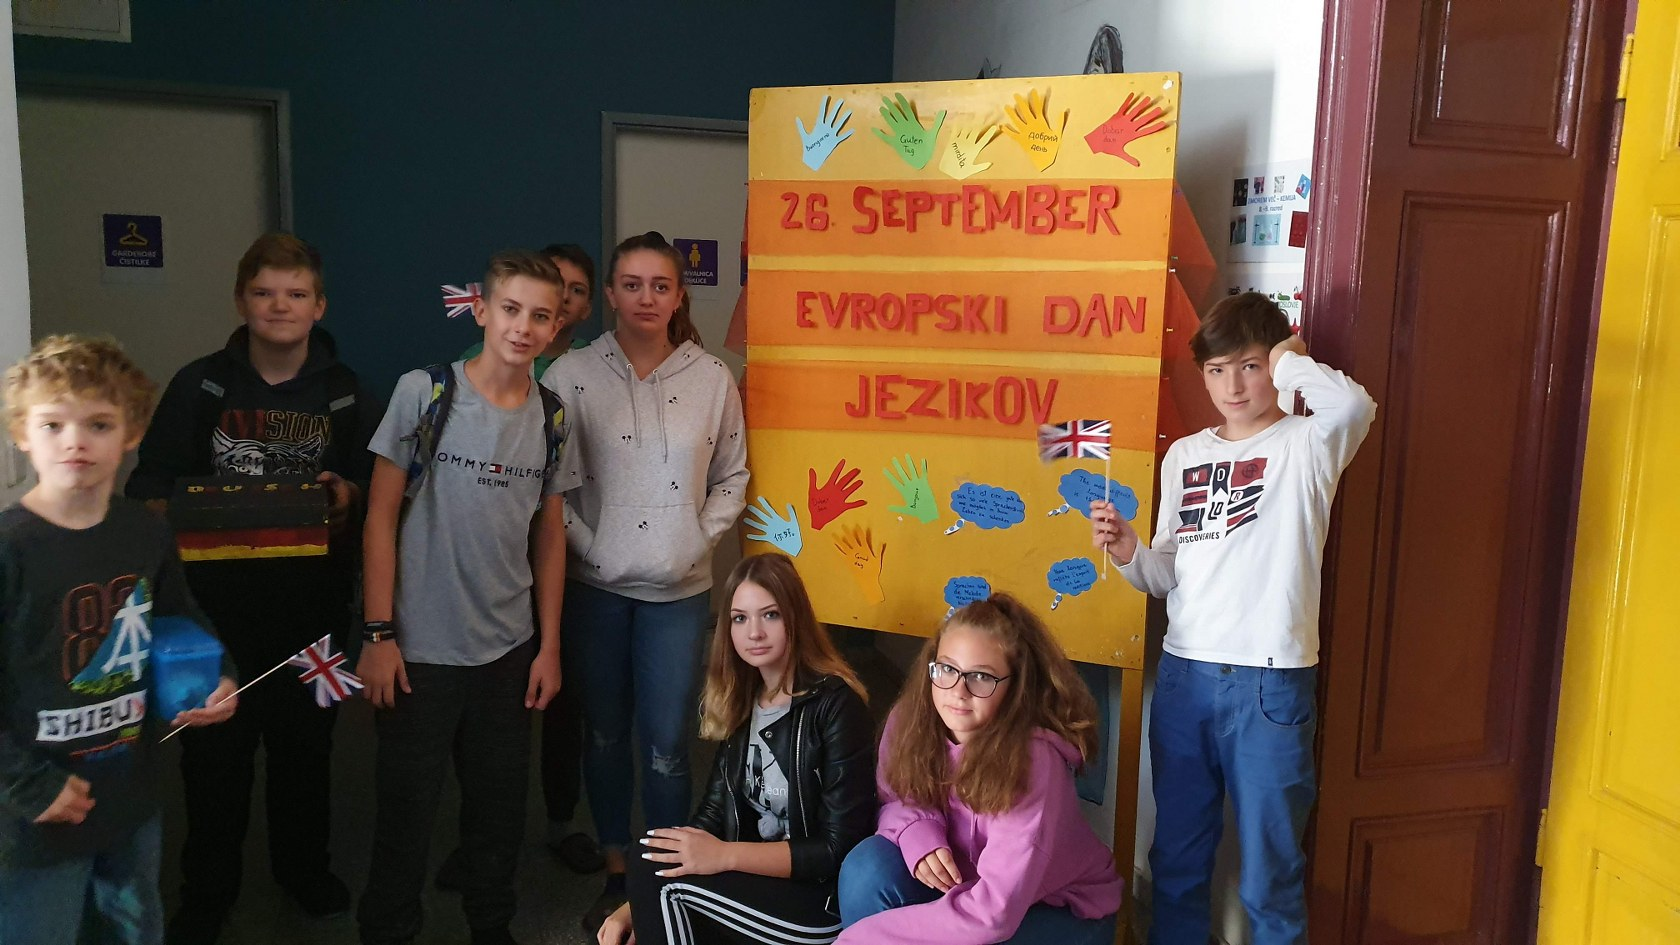 2019_09_26_evropski_dan_jezikov-5